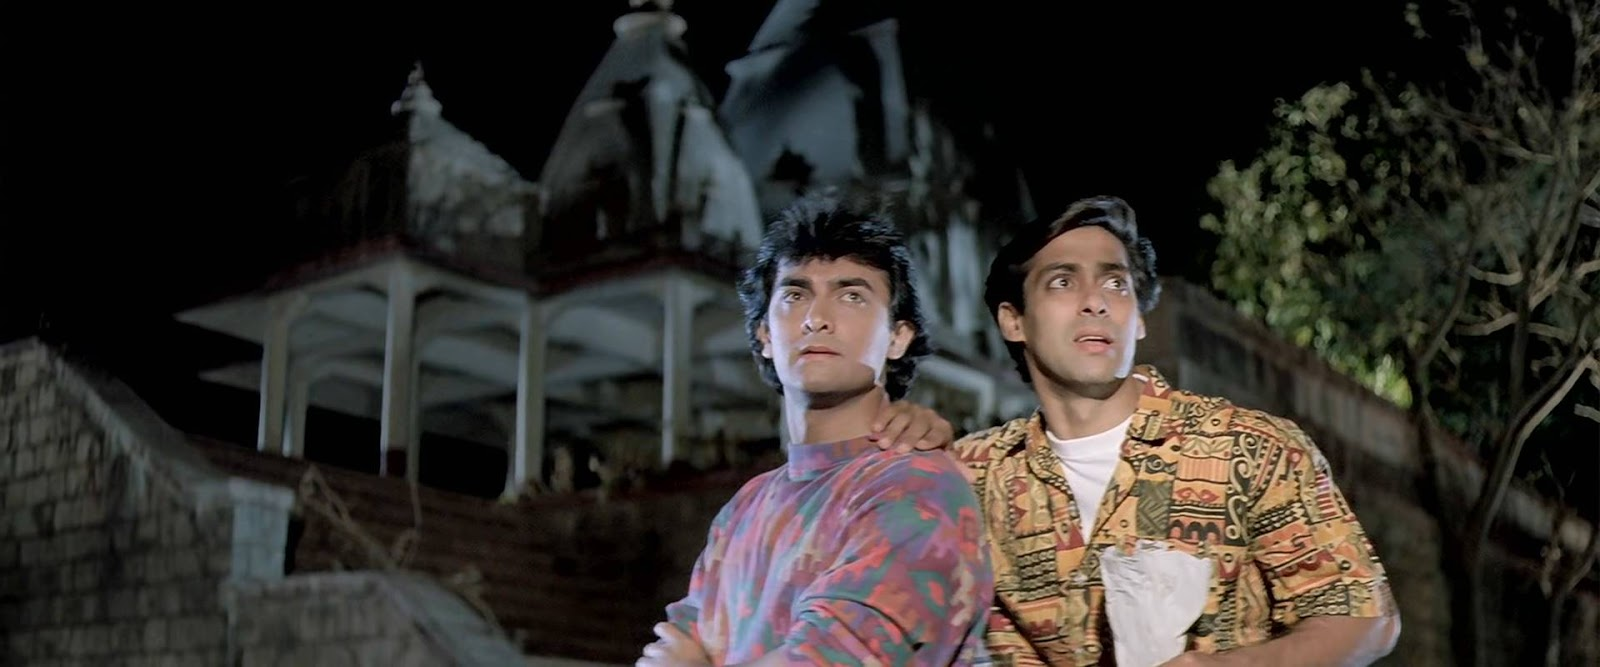 Andaz Apna Apna (1994) 4